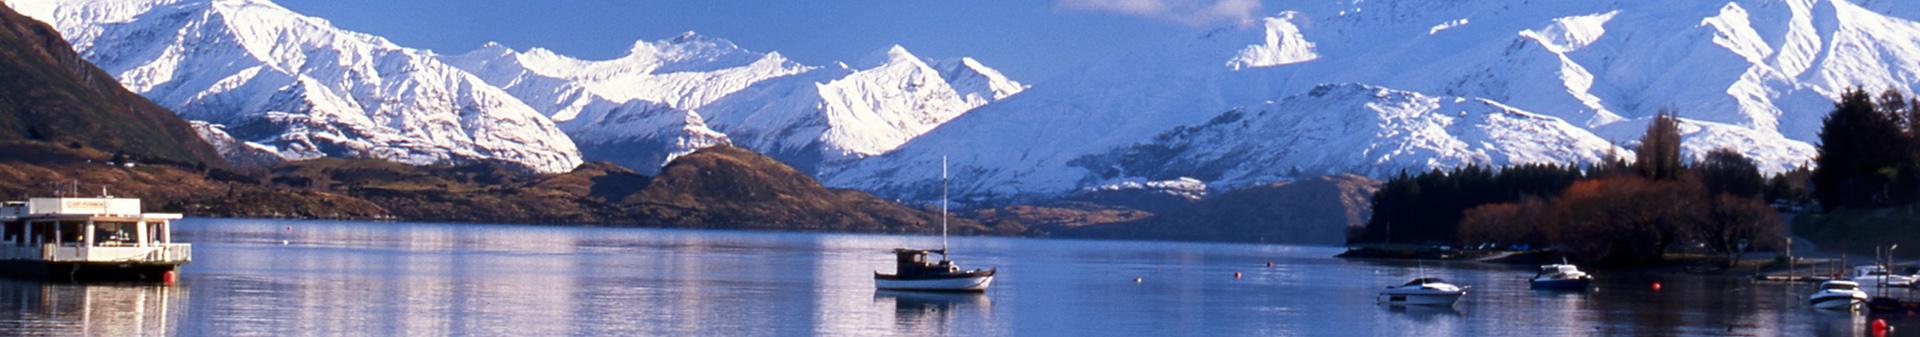 Winter Lake boats